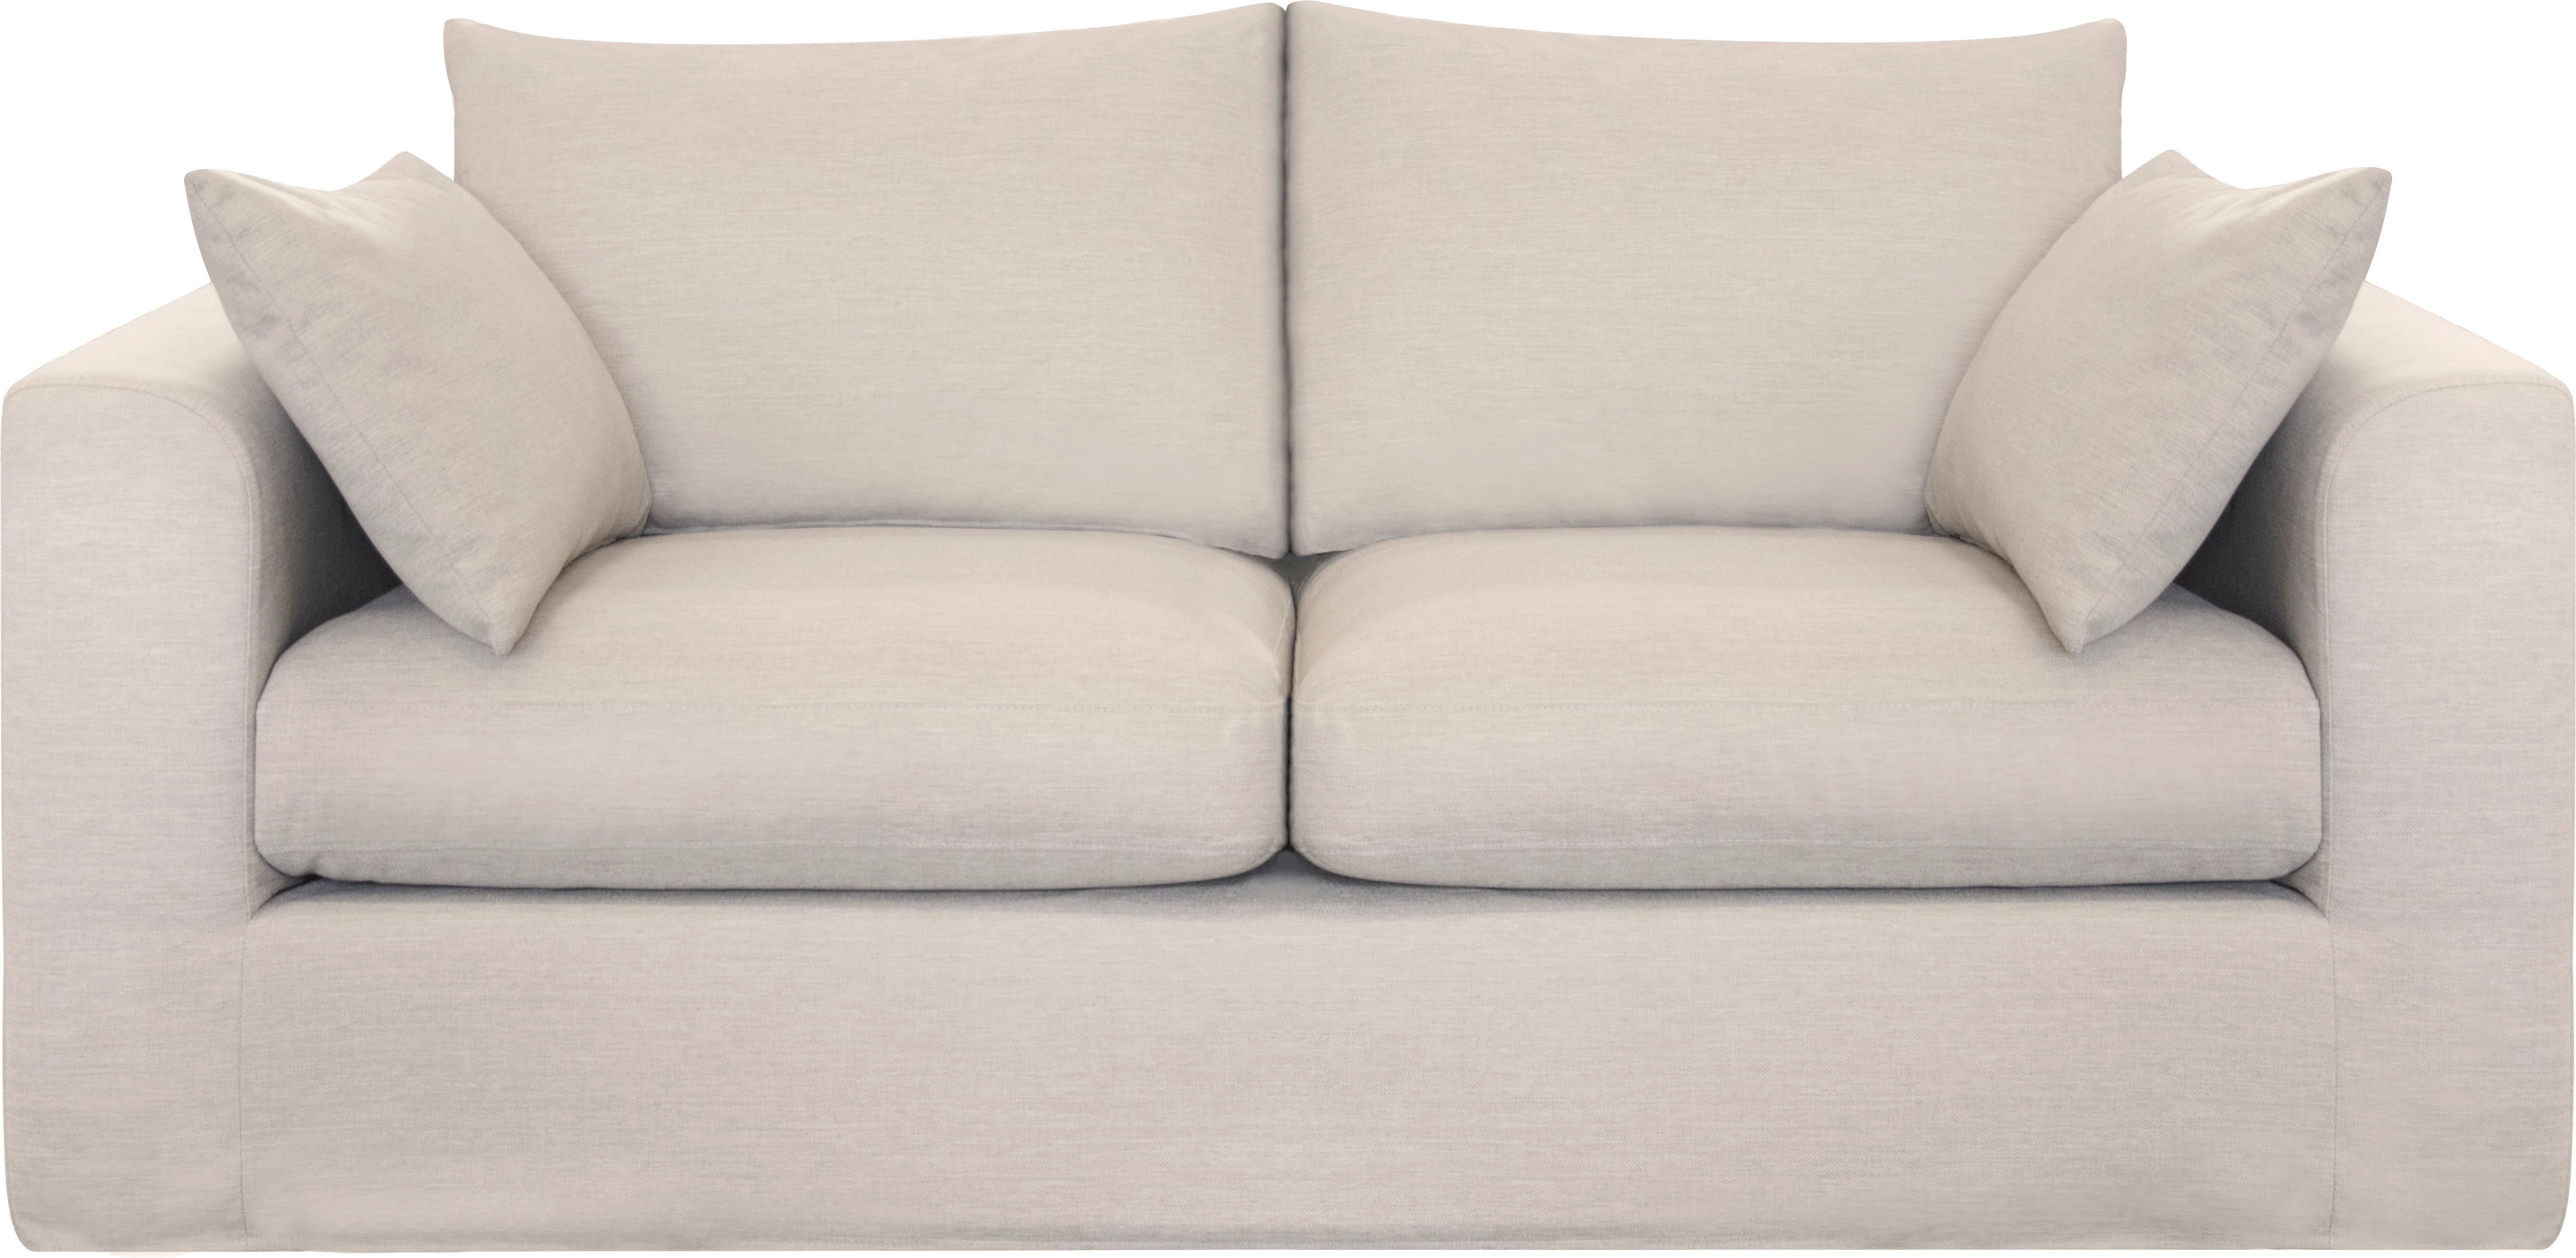 Sofa Zach (2-Sitzer), Bezug: Polypropylen Der hochwert, Füße: Kunststoff, Webstoff Beige, B 191 x T 90 cm